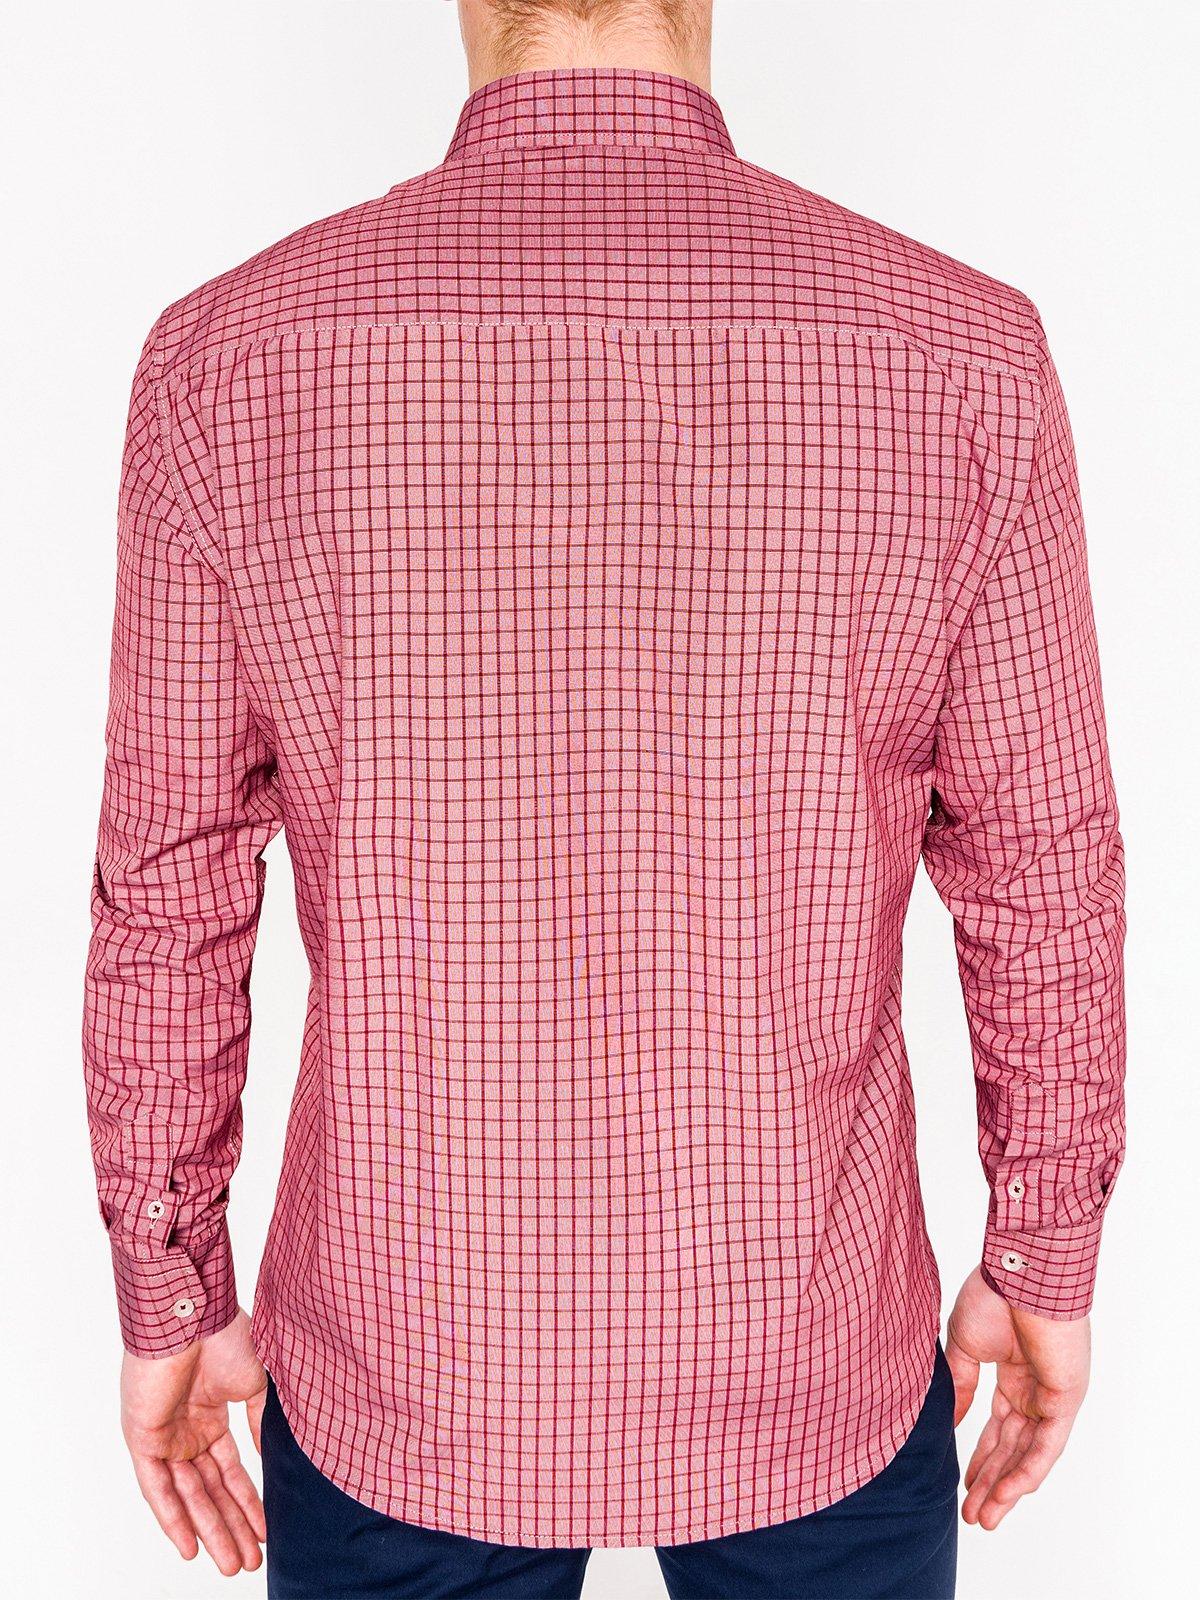 0a10105c880 Мужская рубашка в клеточку с длинным рукавом K446 - красная красный ...